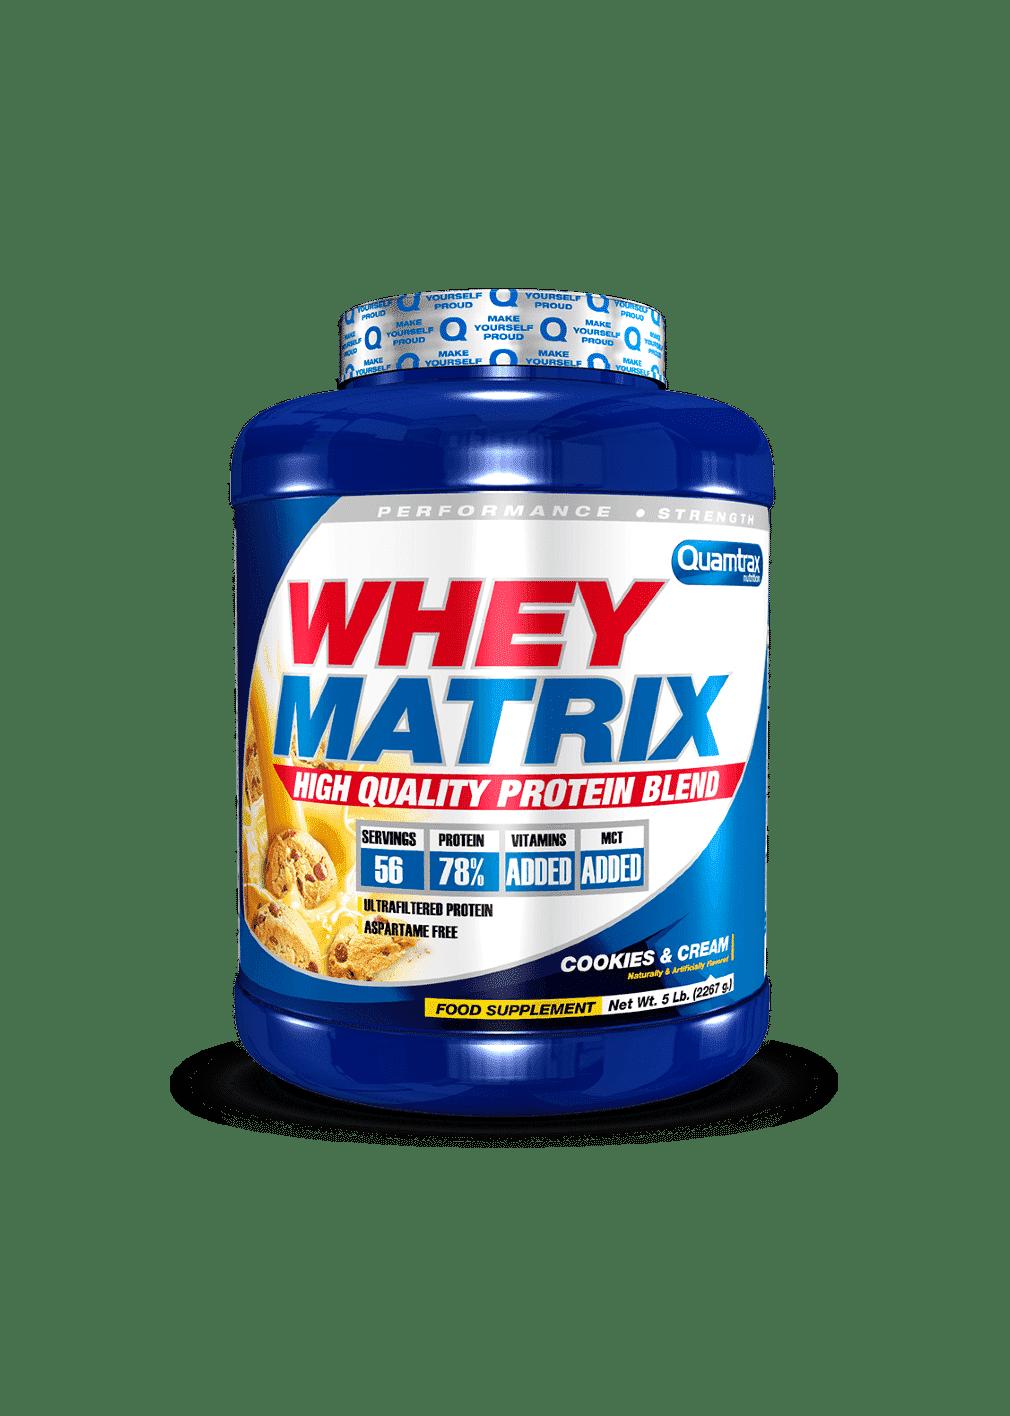 (Quamtrax) Proteina Whey Matrix de 2,267 kg cockie and cream puntfitness